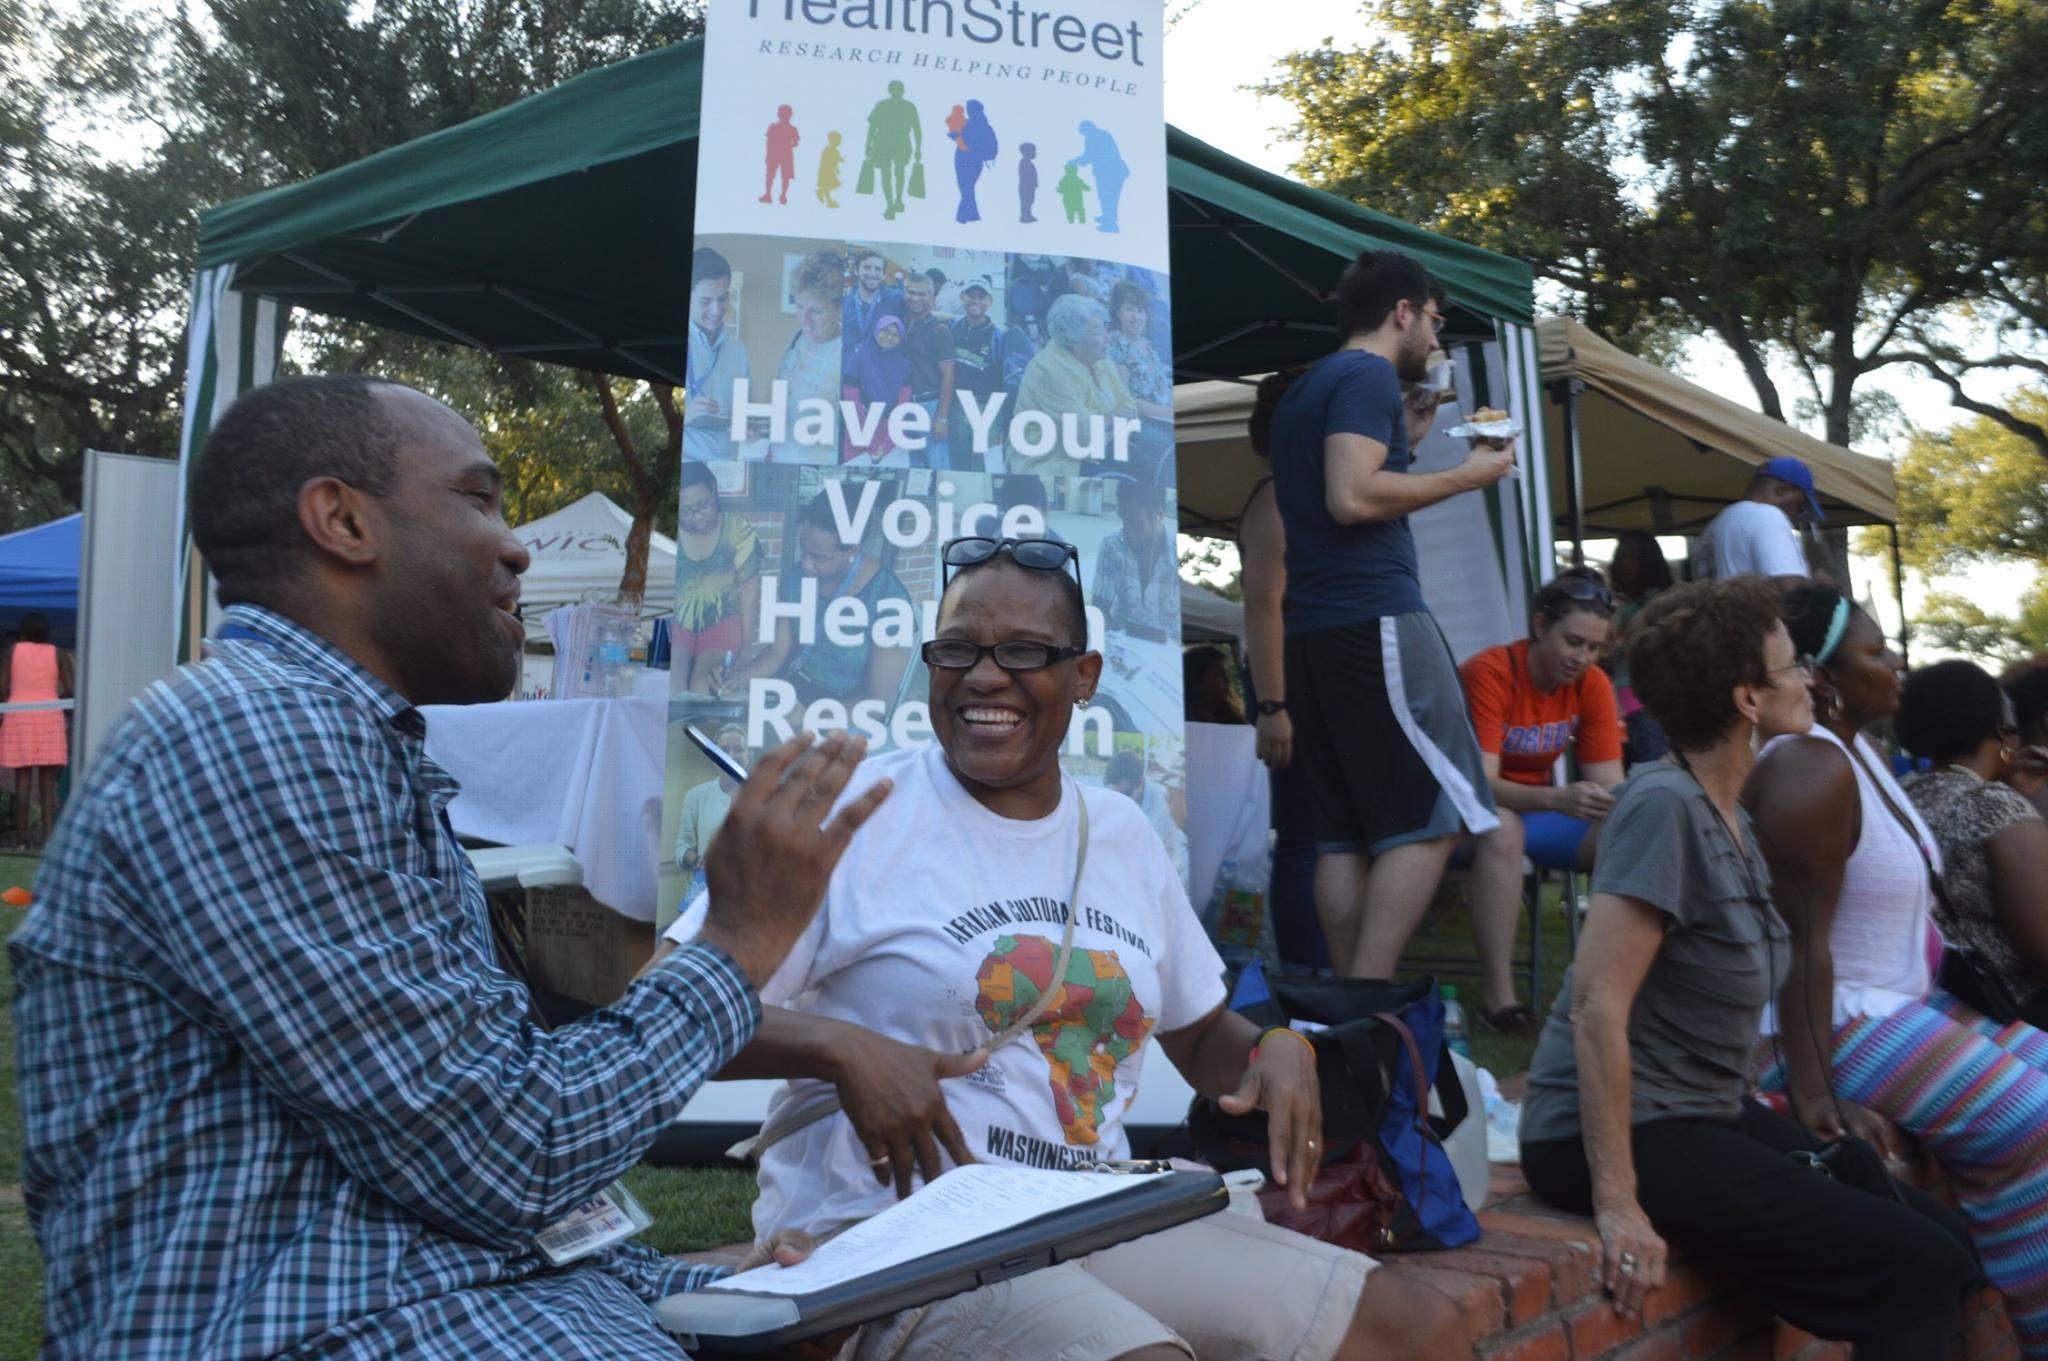 HealthStreet Outreach